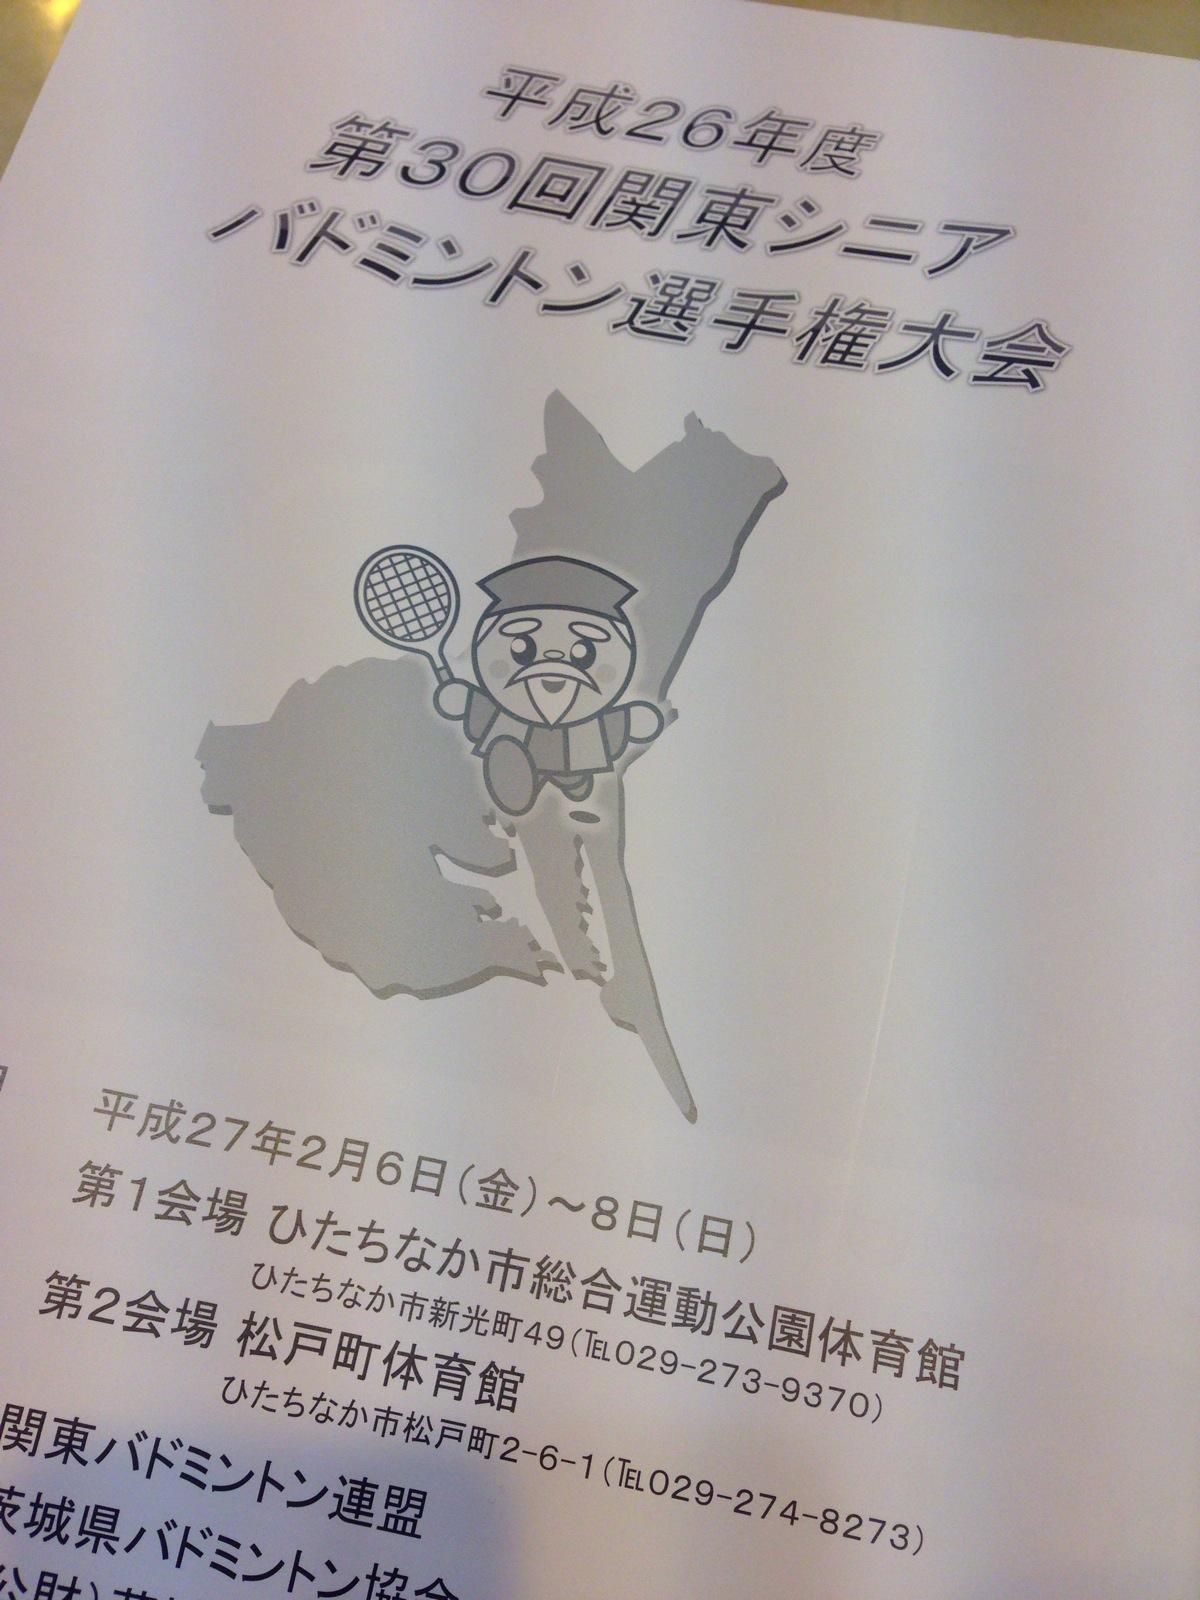 第30回関東シニアバドミントン大会 in 茨城に参戦してきました。